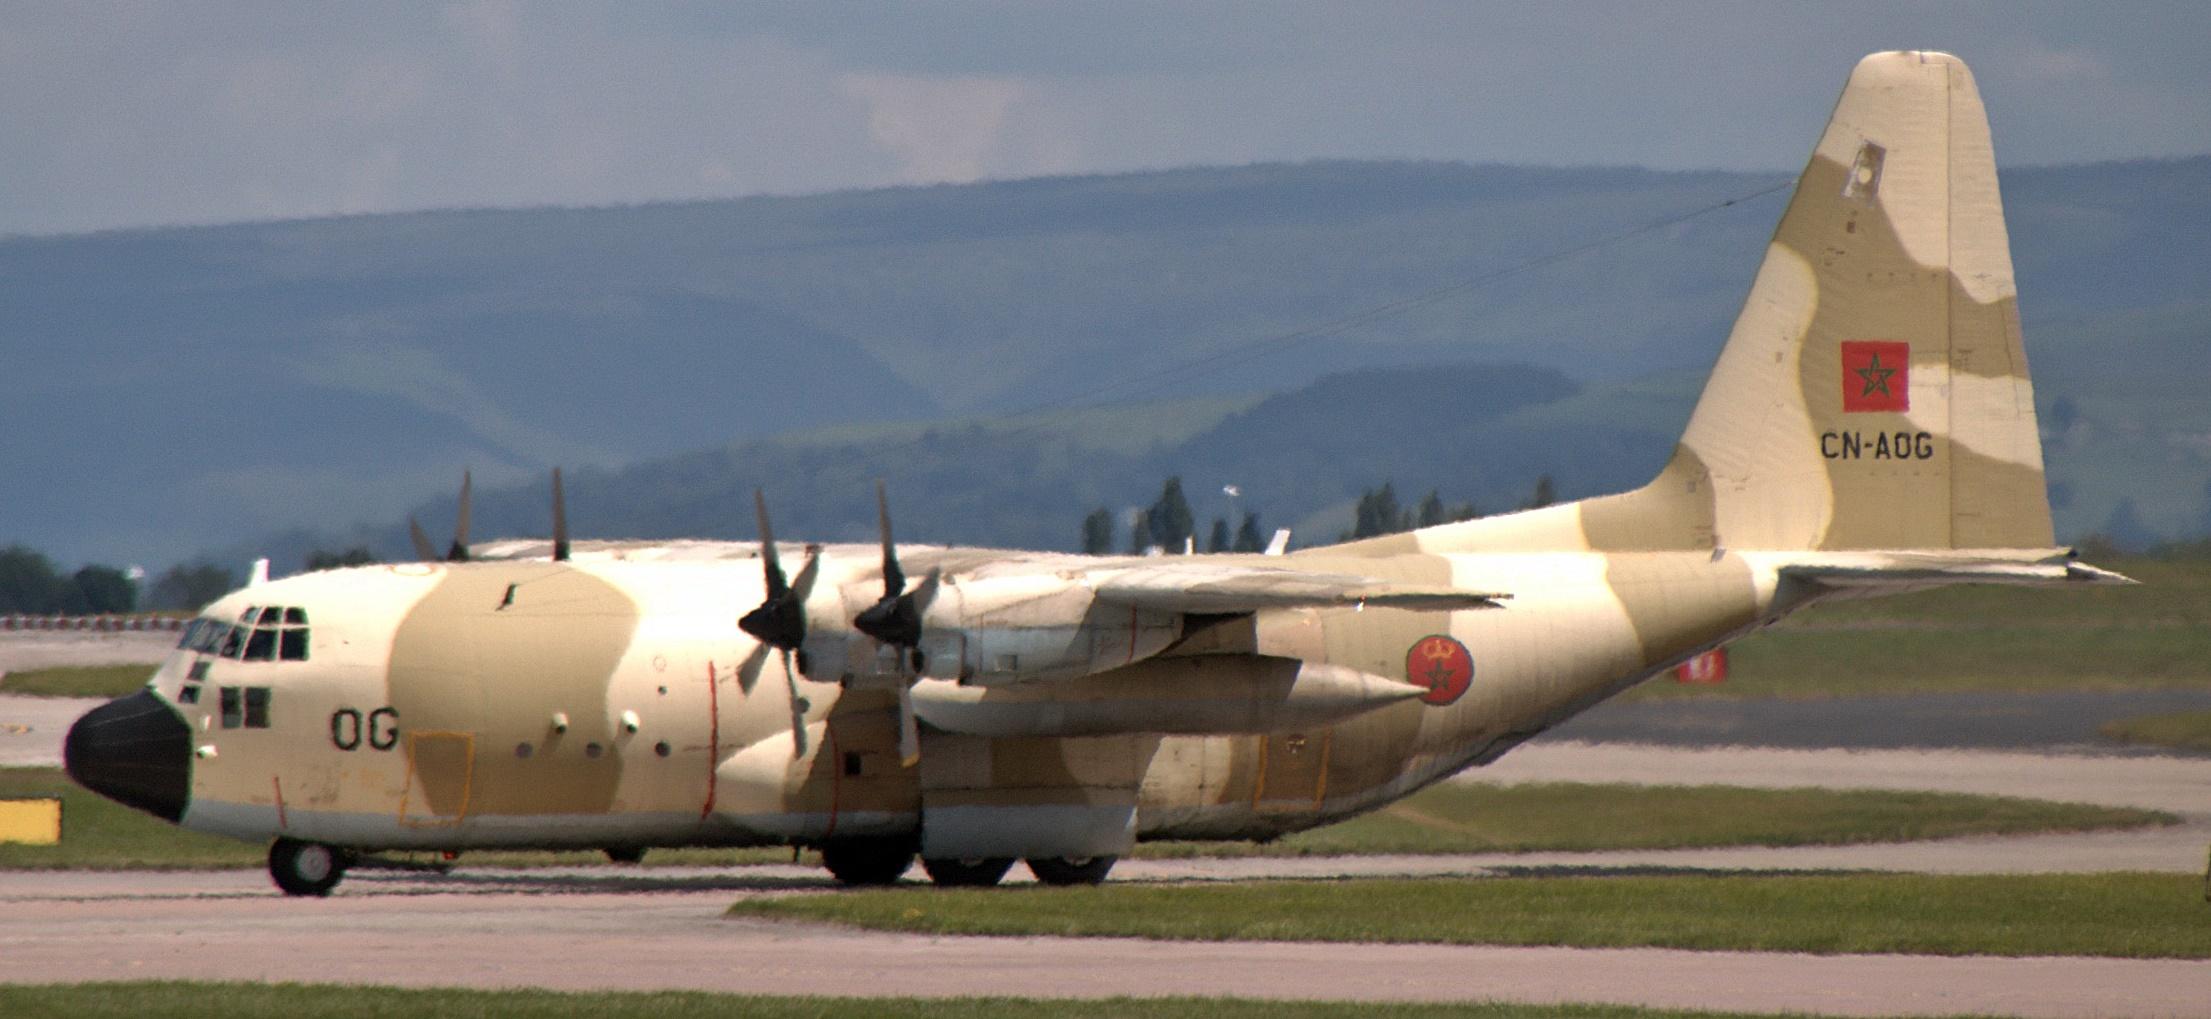 FRA: Photos d'avions de transport - Page 31 35493258590_cda597ba64_o